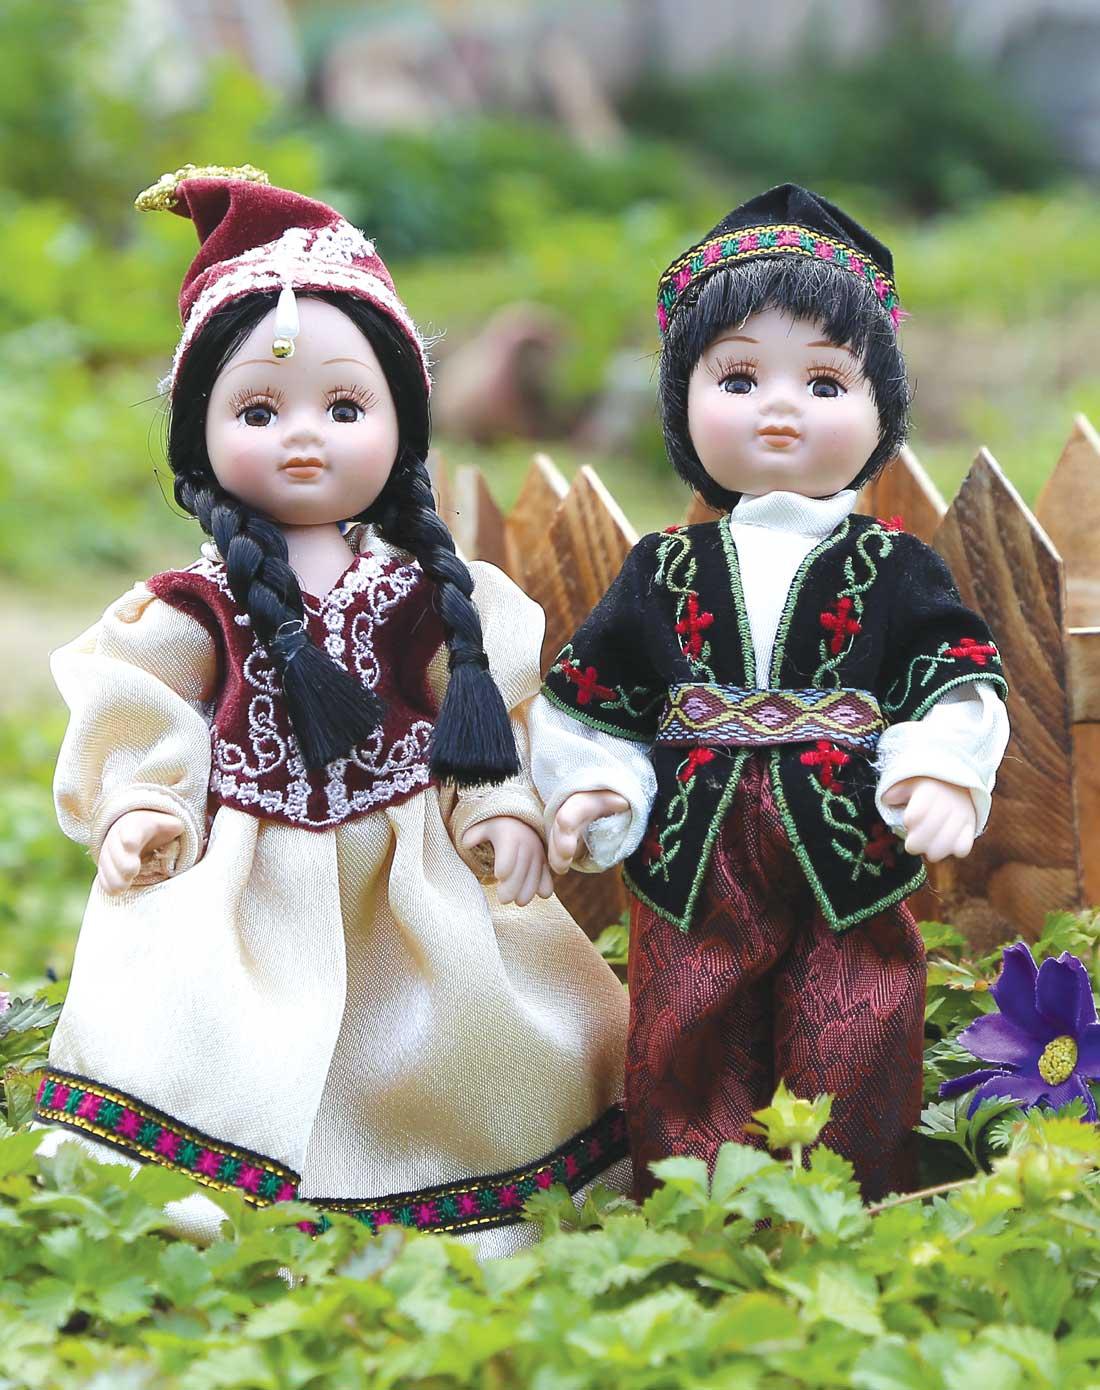 民族盛装陶瓷娃娃-维吾尔族